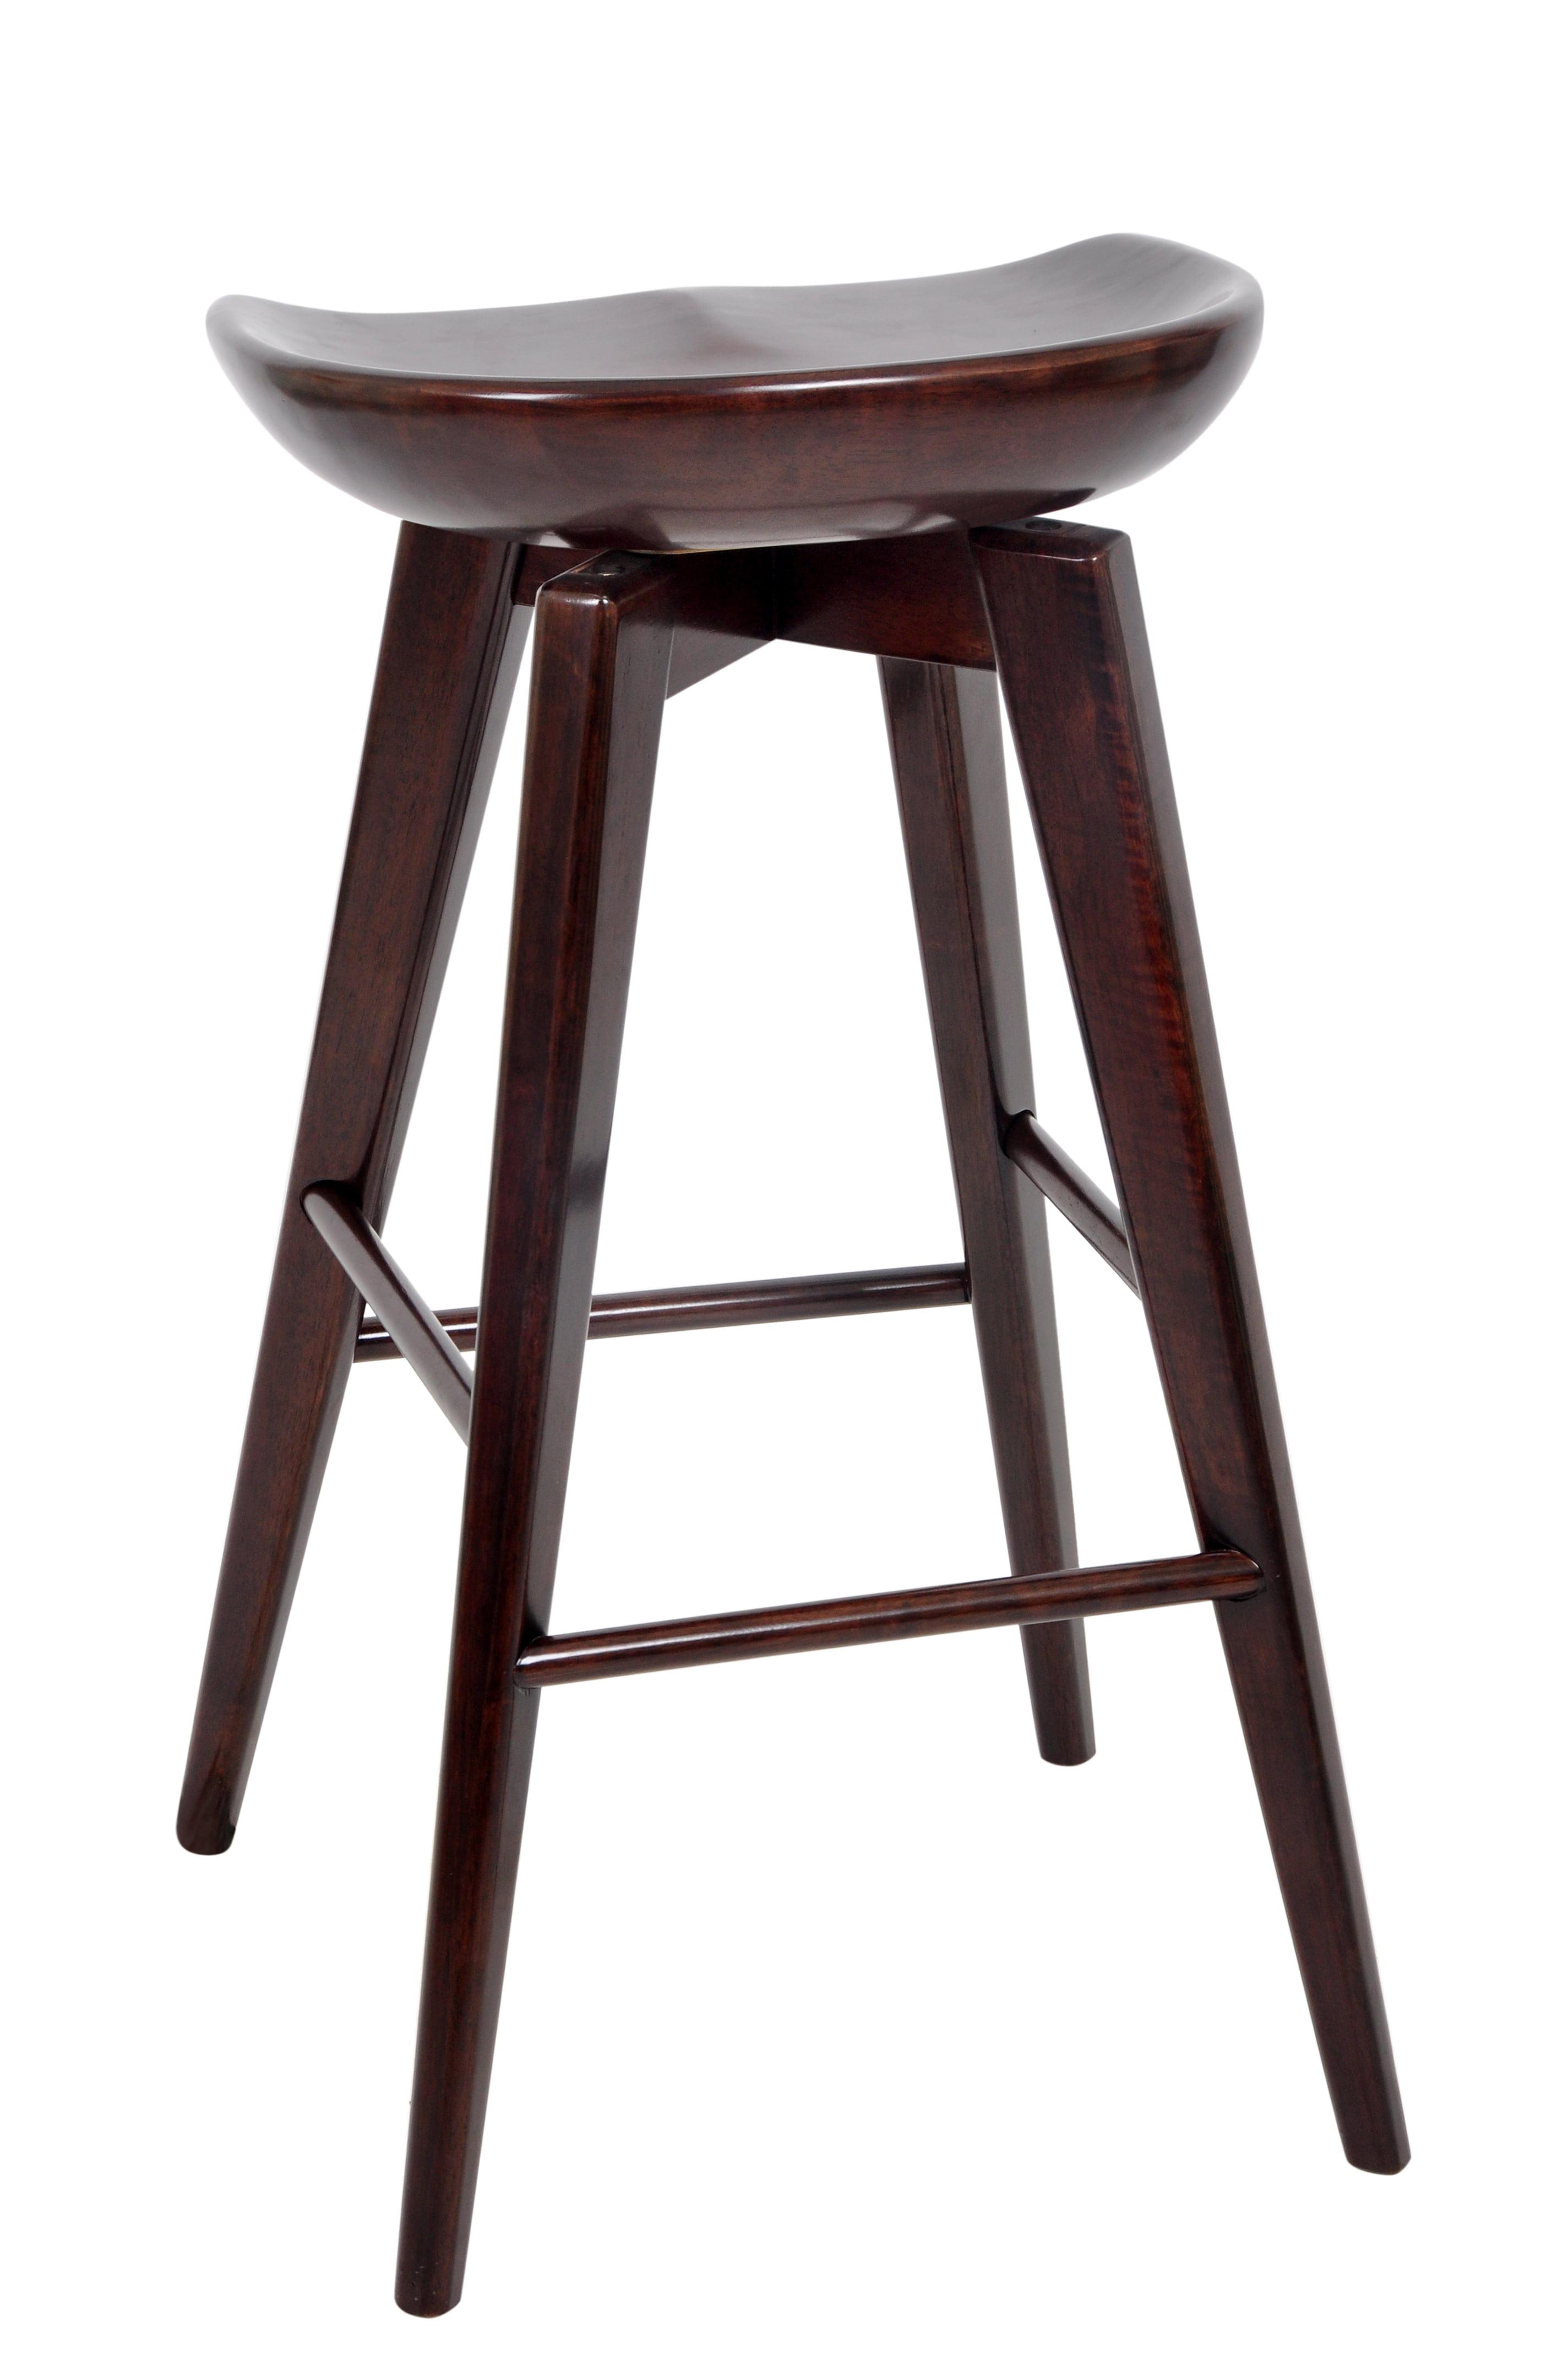 Phenomenal Boraam Bali 29 Wood Swivel Stool Multiple Finishes Ncnpc Chair Design For Home Ncnpcorg